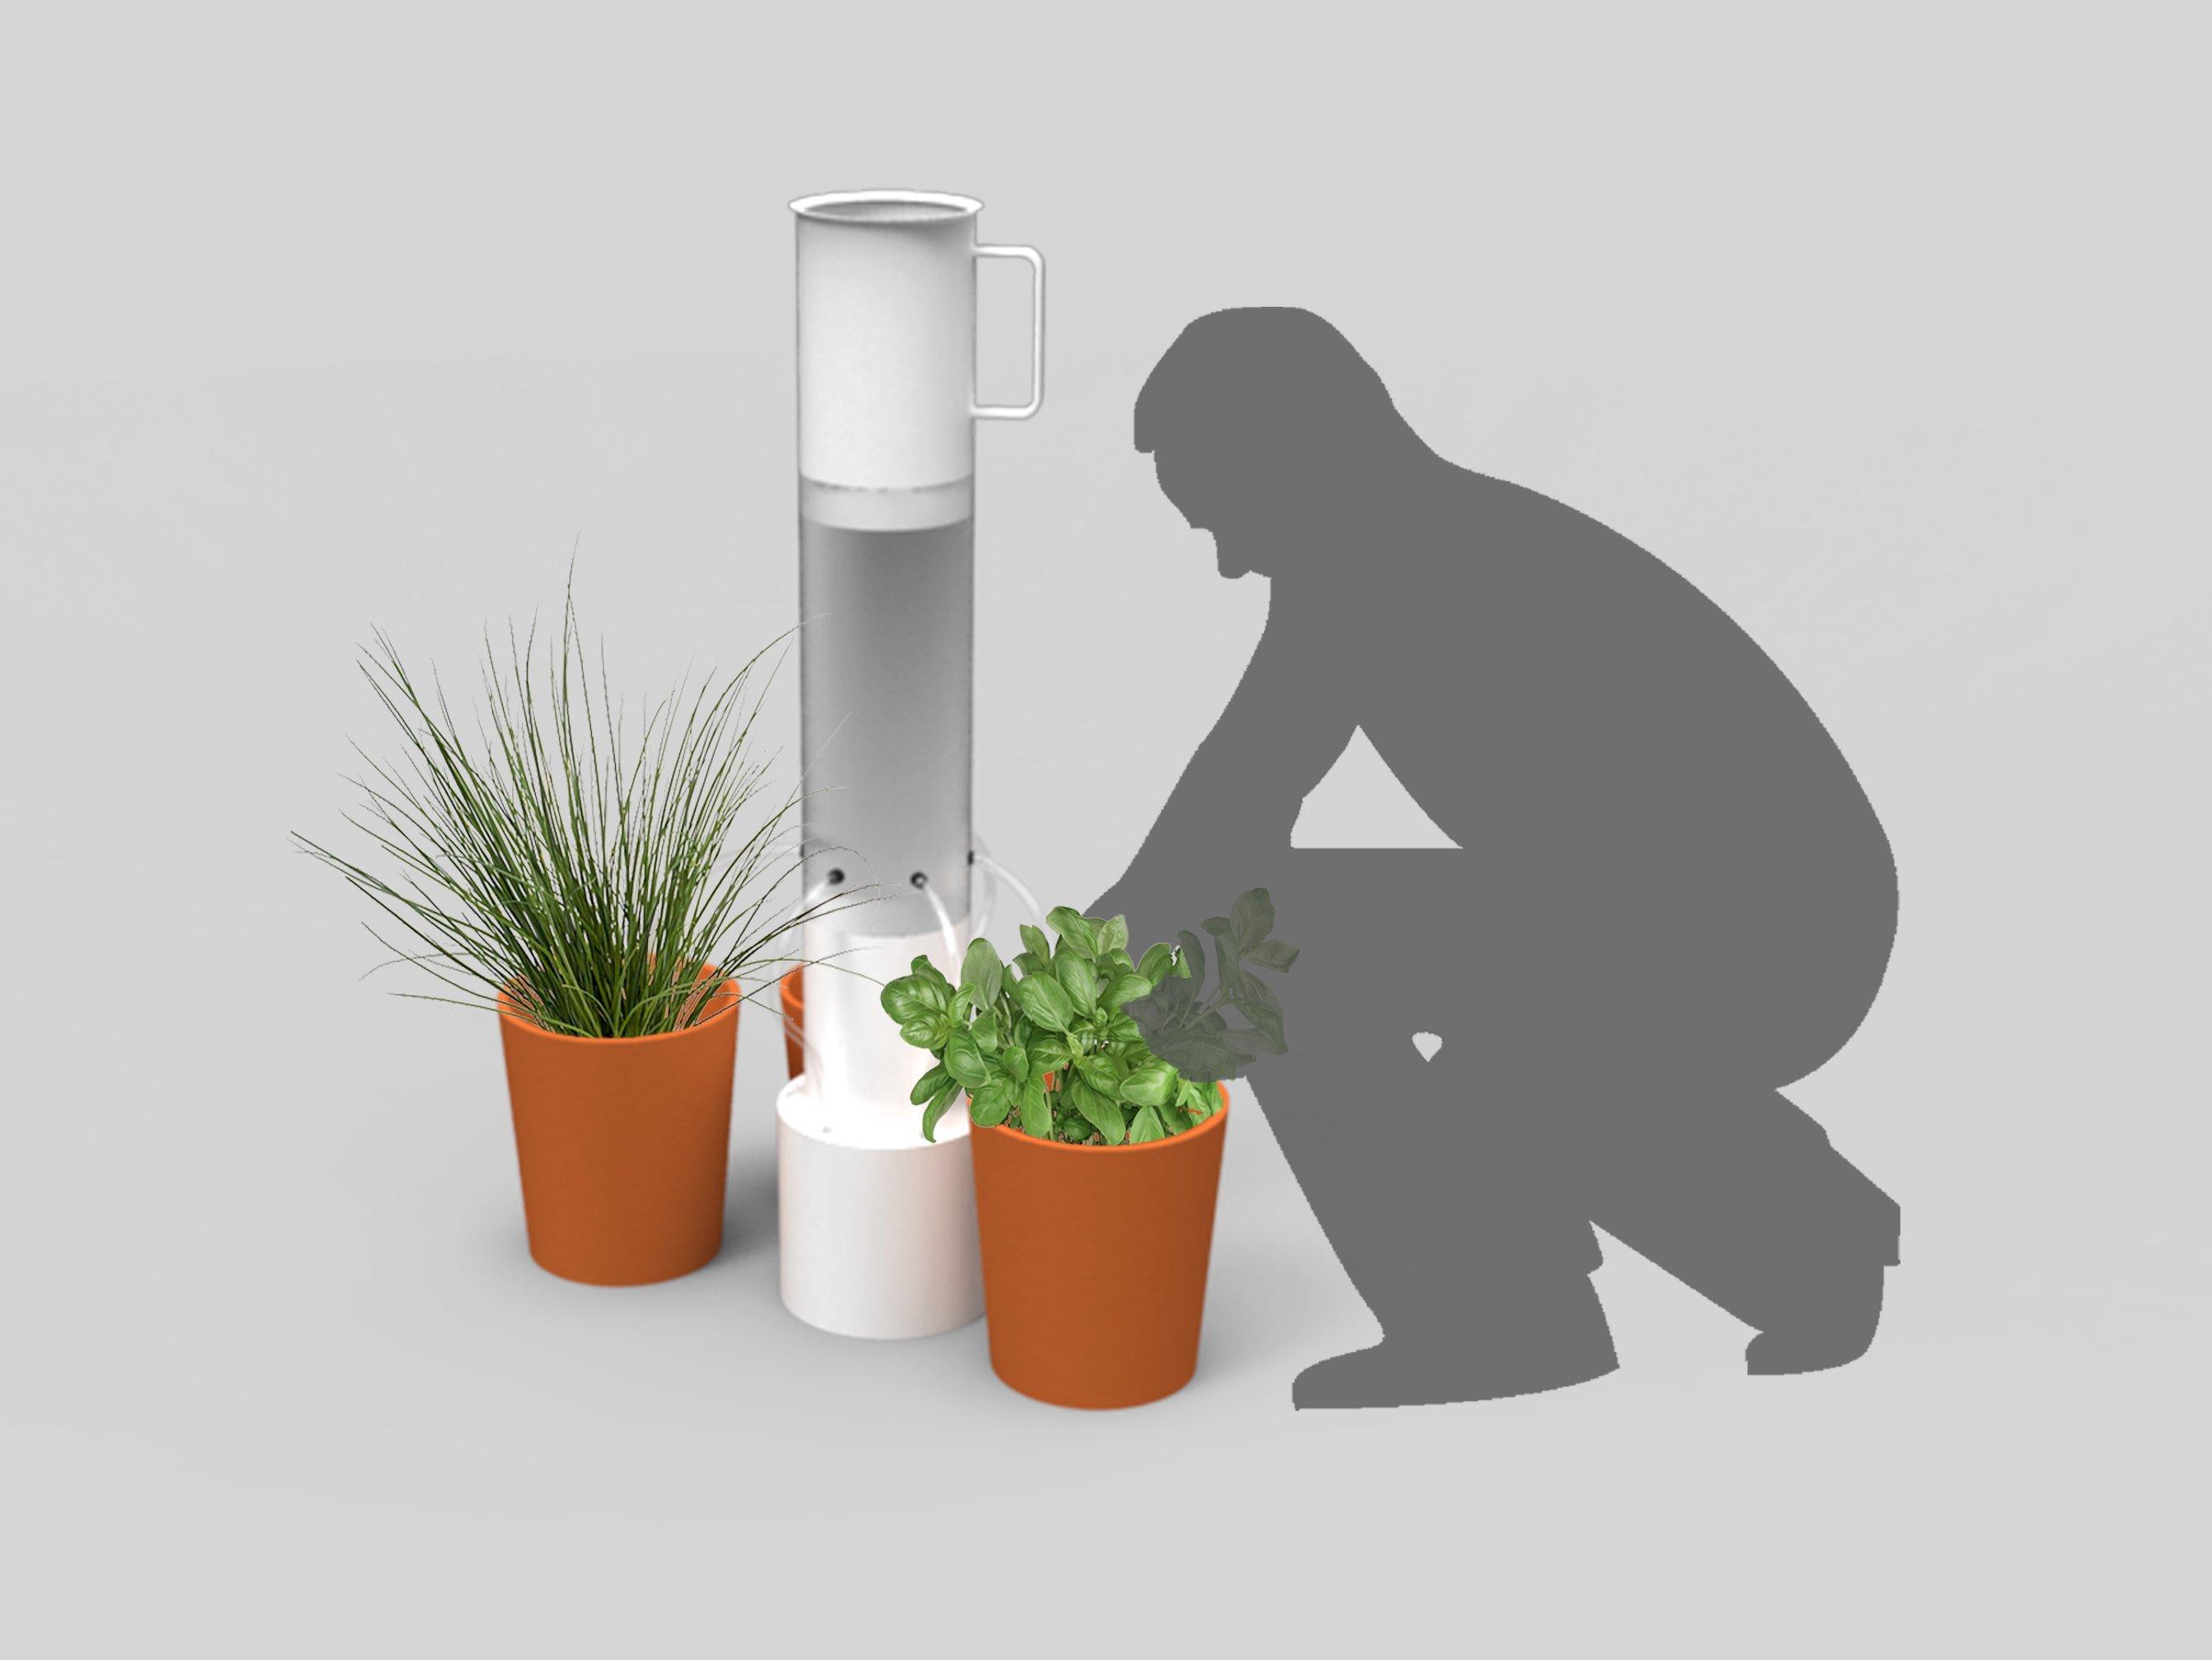 terrafeed_potager_dinterieur_indoor_garden_usage3-pierre-felix-so